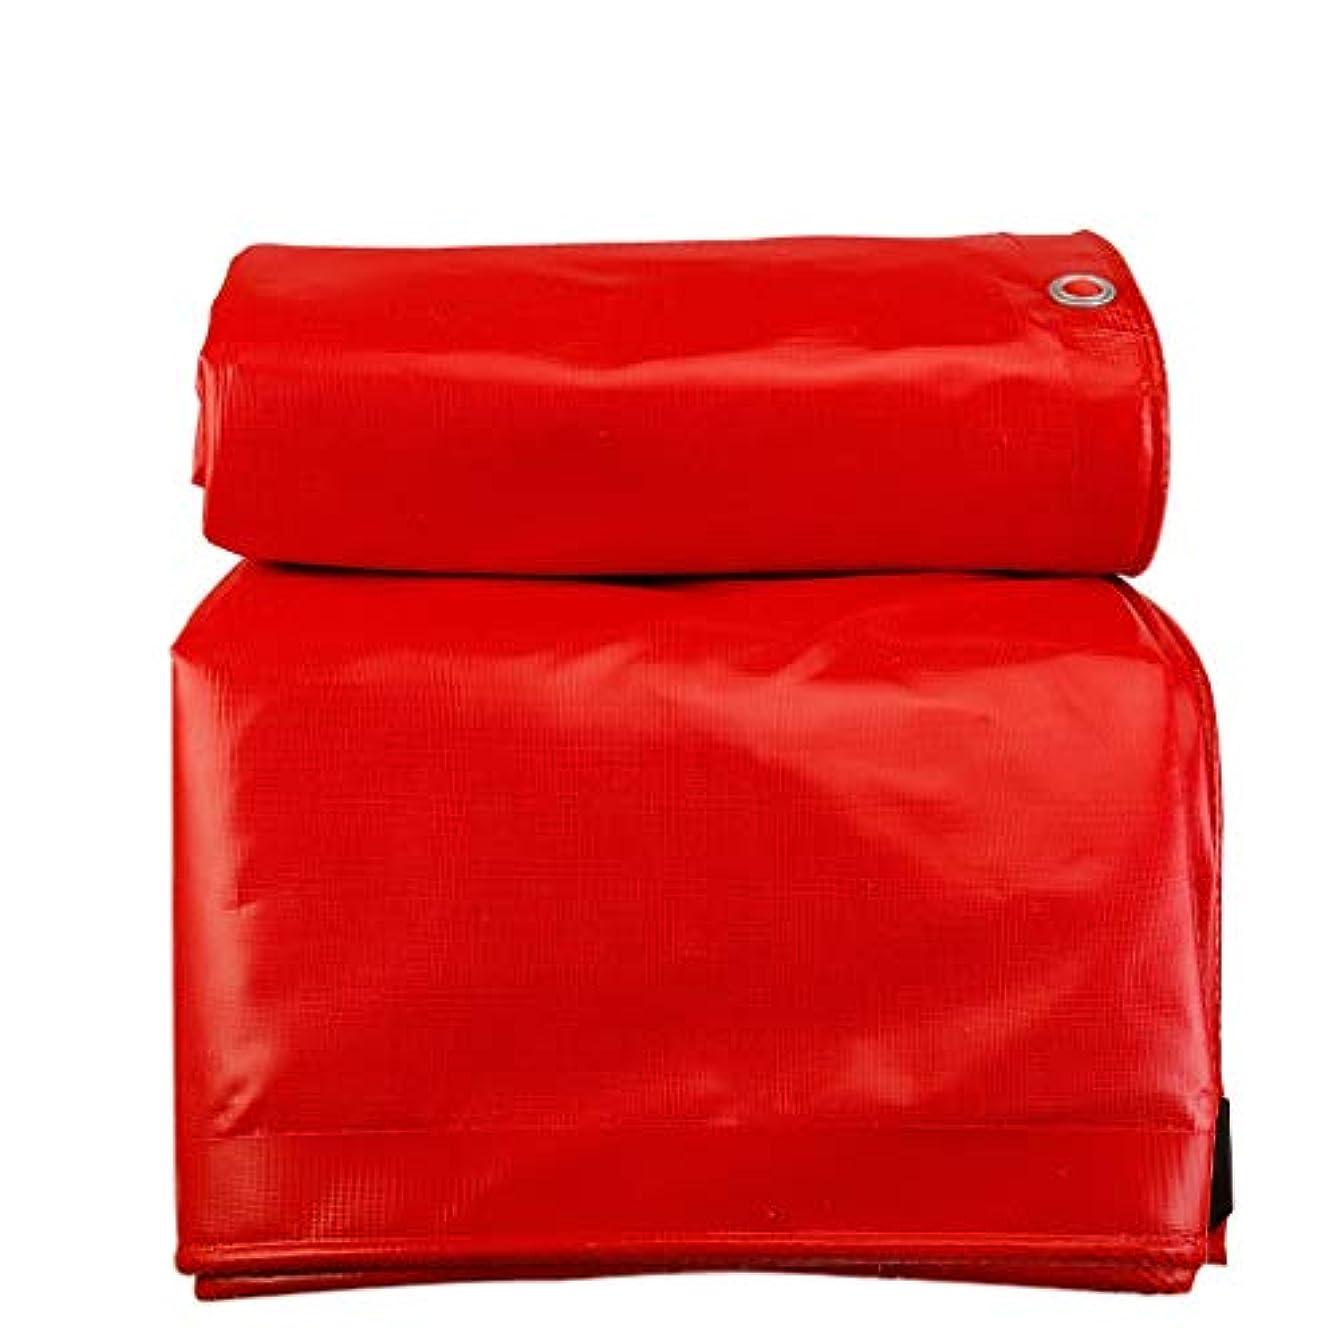 果てしない居心地の良い顕著赤い防雨防水シート肥厚日焼け止め屋外トラックトラック分離ホットサンシェードキャノピー防水シート400×600センチ (サイズ さいず : 400×800cm)